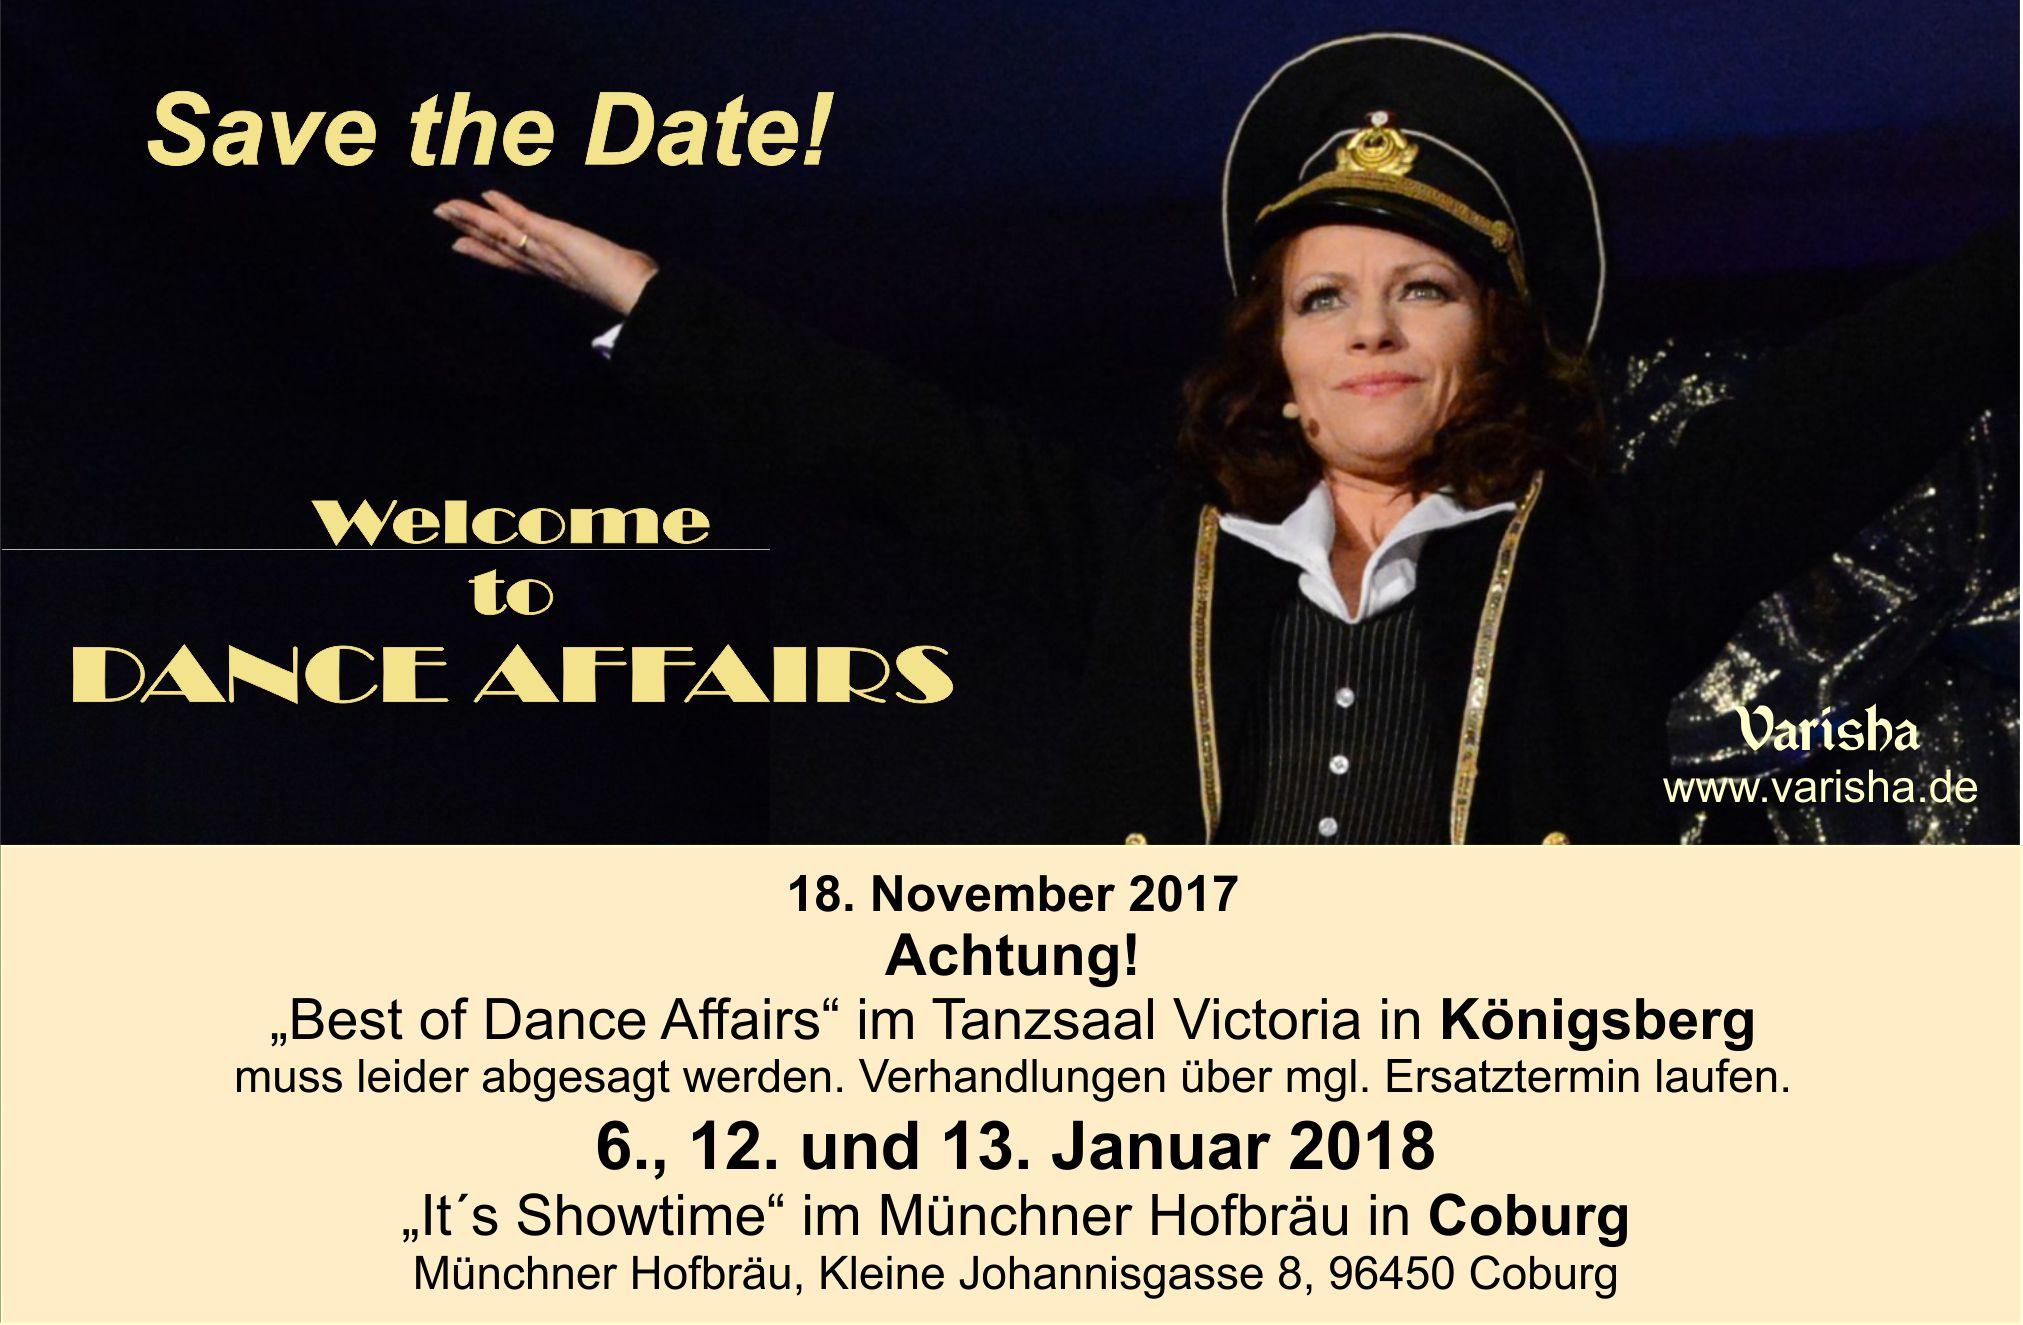 """Achtung! """"Best of Dance Affairs"""" am 18. November in Königsberg muss aus Gründen höherer Gewalt abgesagt werden. Über einen möglichen Ersatztermin stehen wir in Verhandlungen. Wir bitten um ihr Verständniss."""